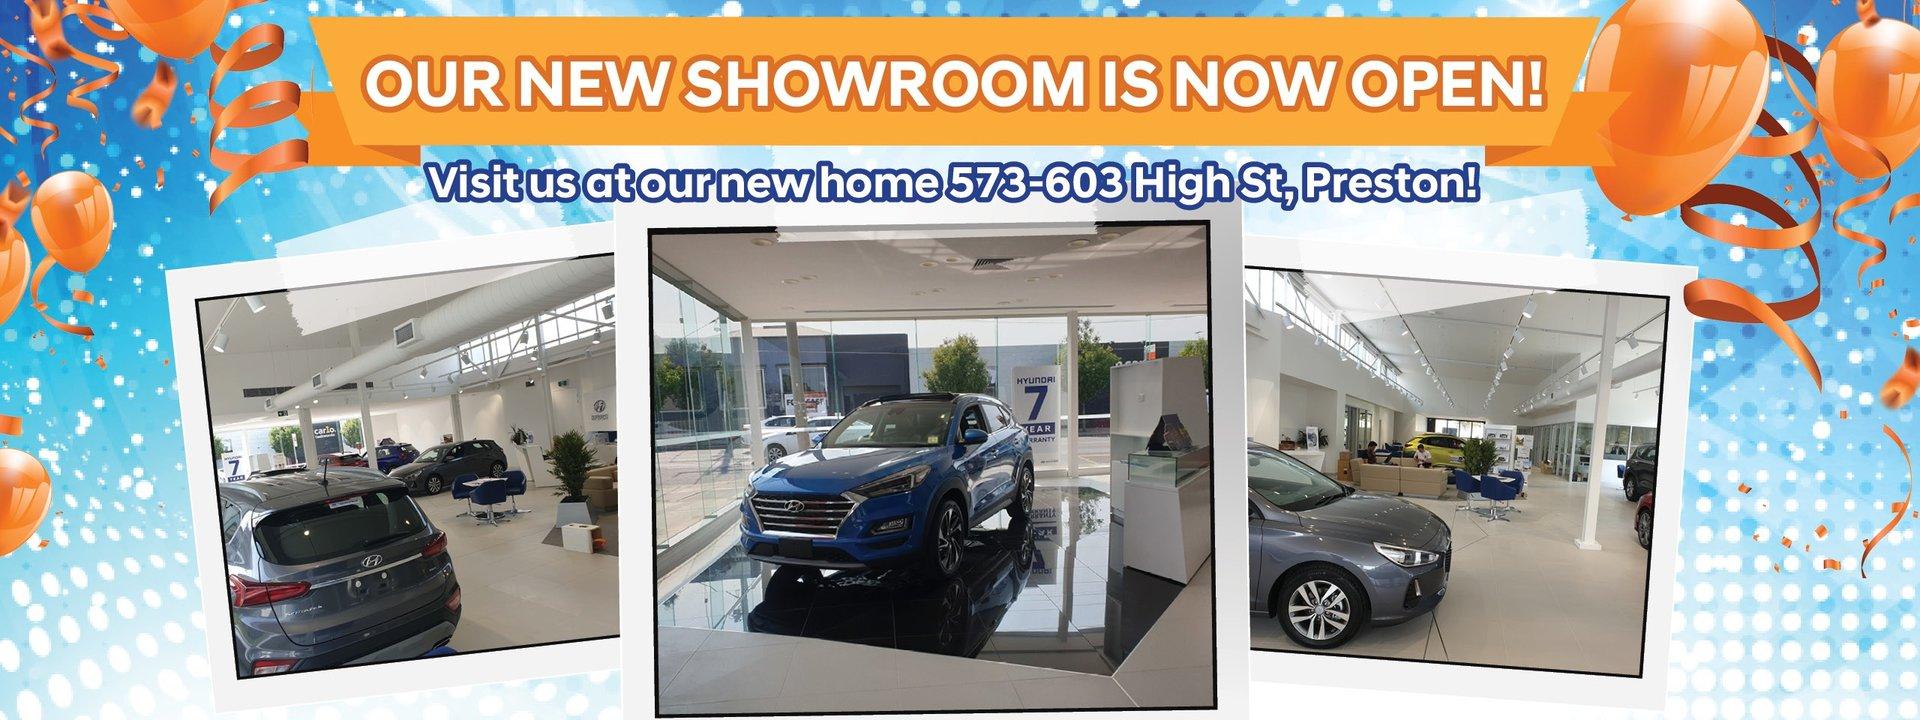 RDS Hyundai - New Showroom